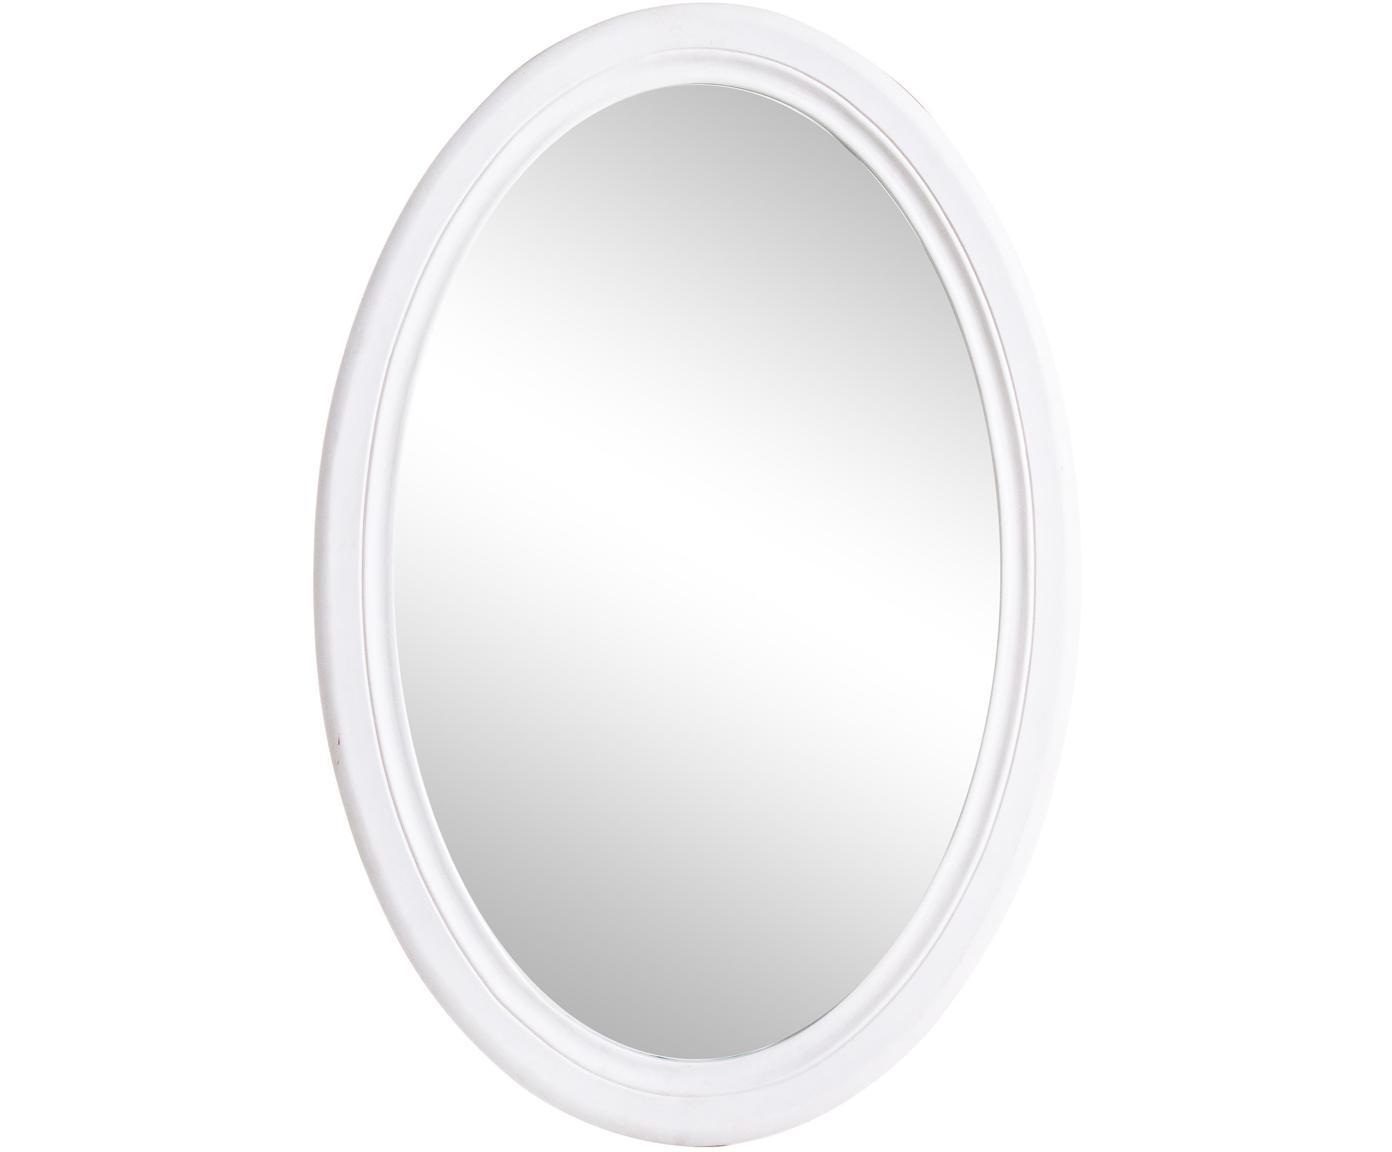 Specchio da parete ovale con cornice in legno Daisy, Cornice: pannello di fibra a media, Superficie dello specchio: lastra di vetro, Bianco, Larg. 48 x Alt. 70 cm